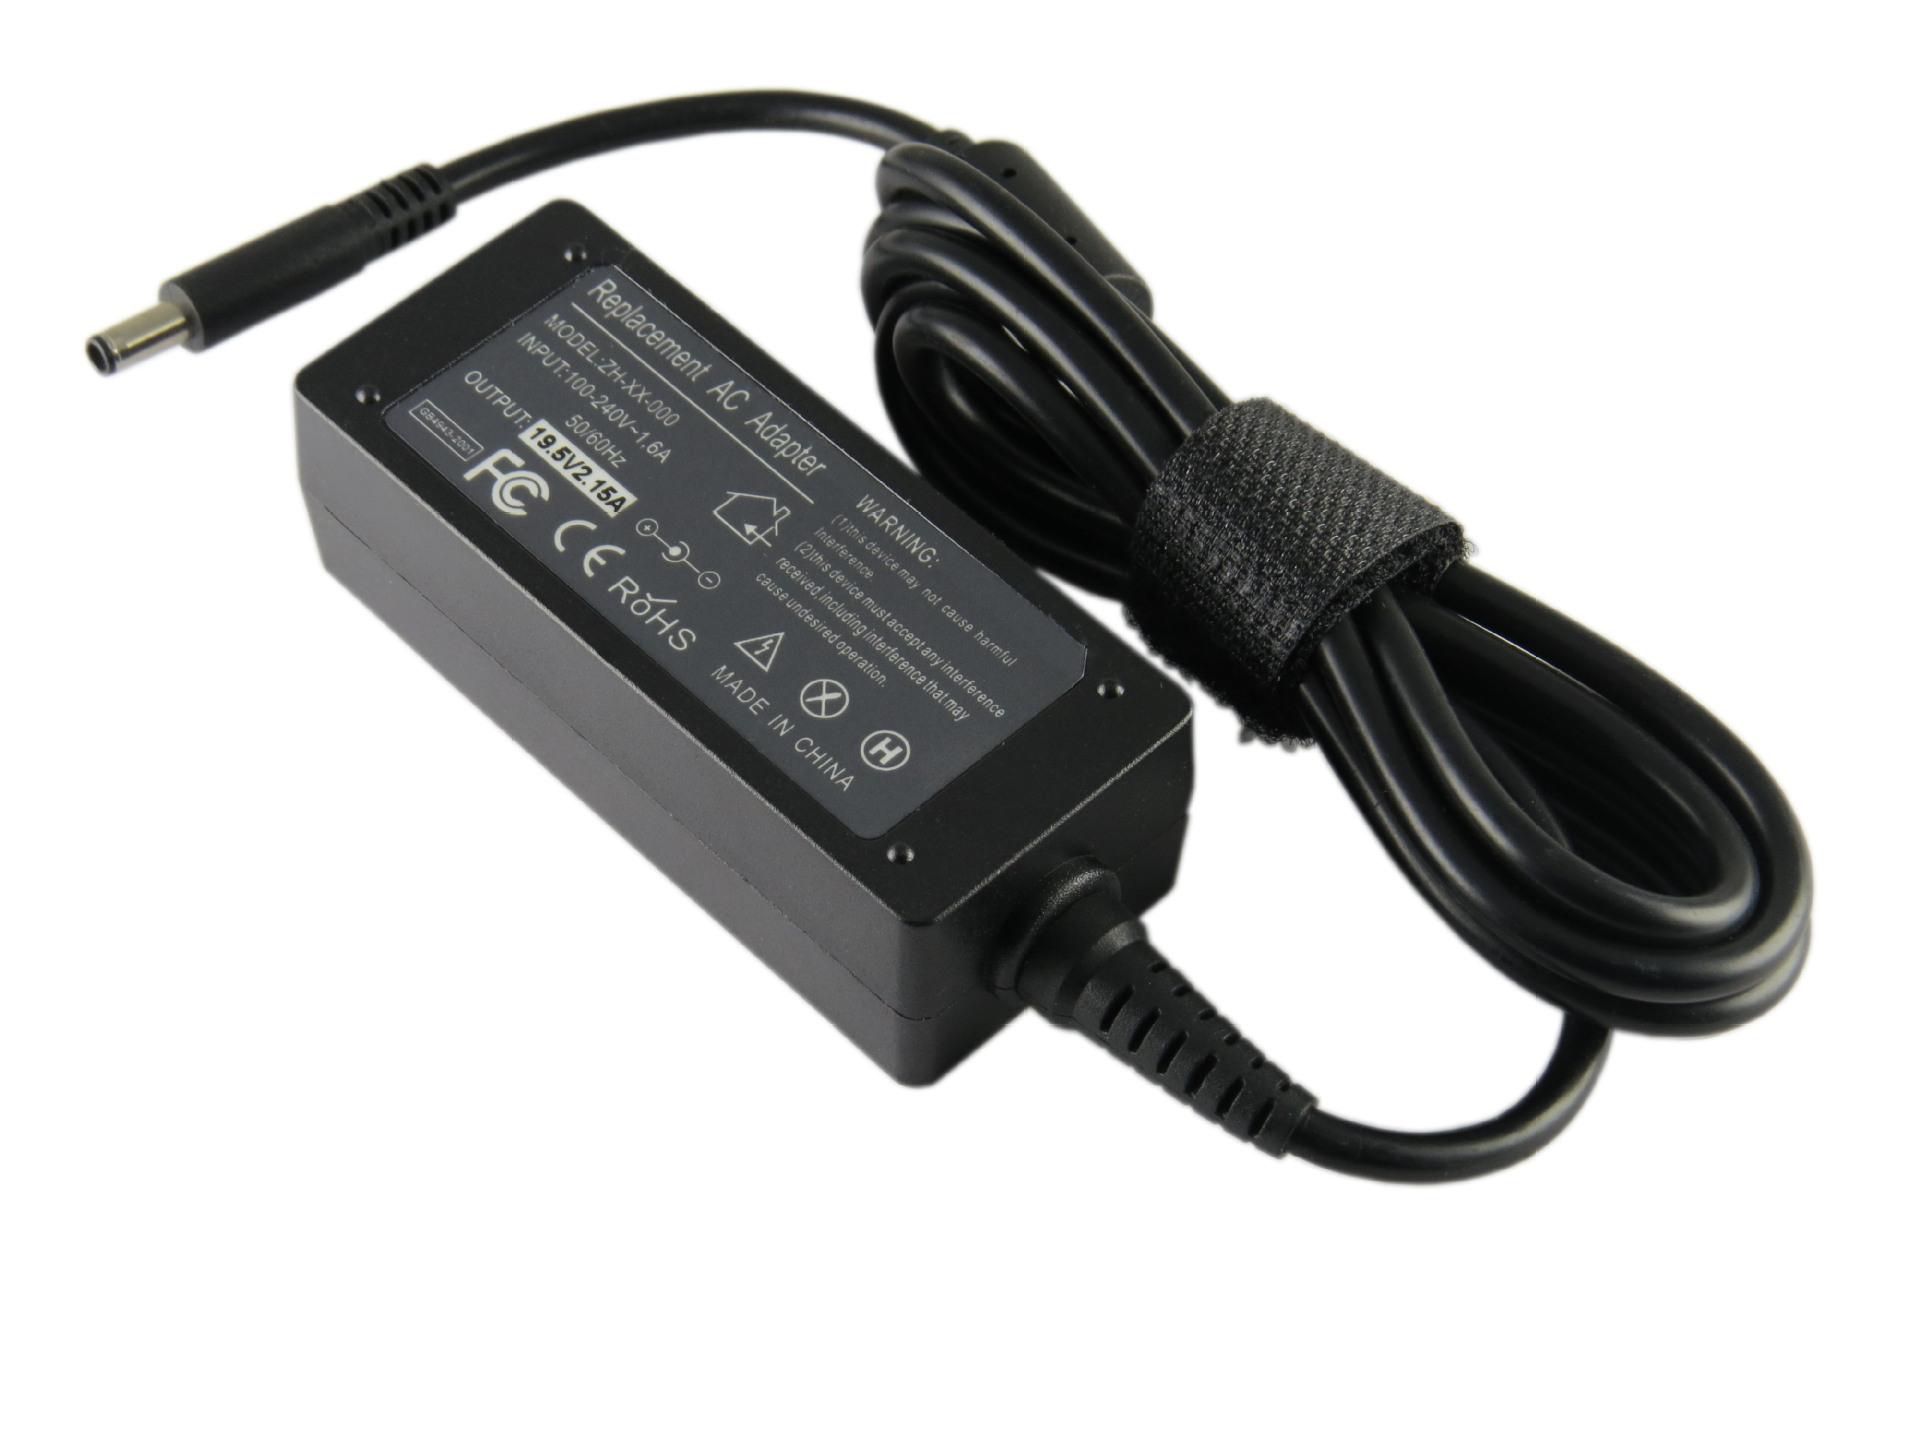 DELL XPS 45W, PA20, 312-1307, FA45NE1-00 AC ADAPTER 19 5V 2 31A 4 5*3 0mm